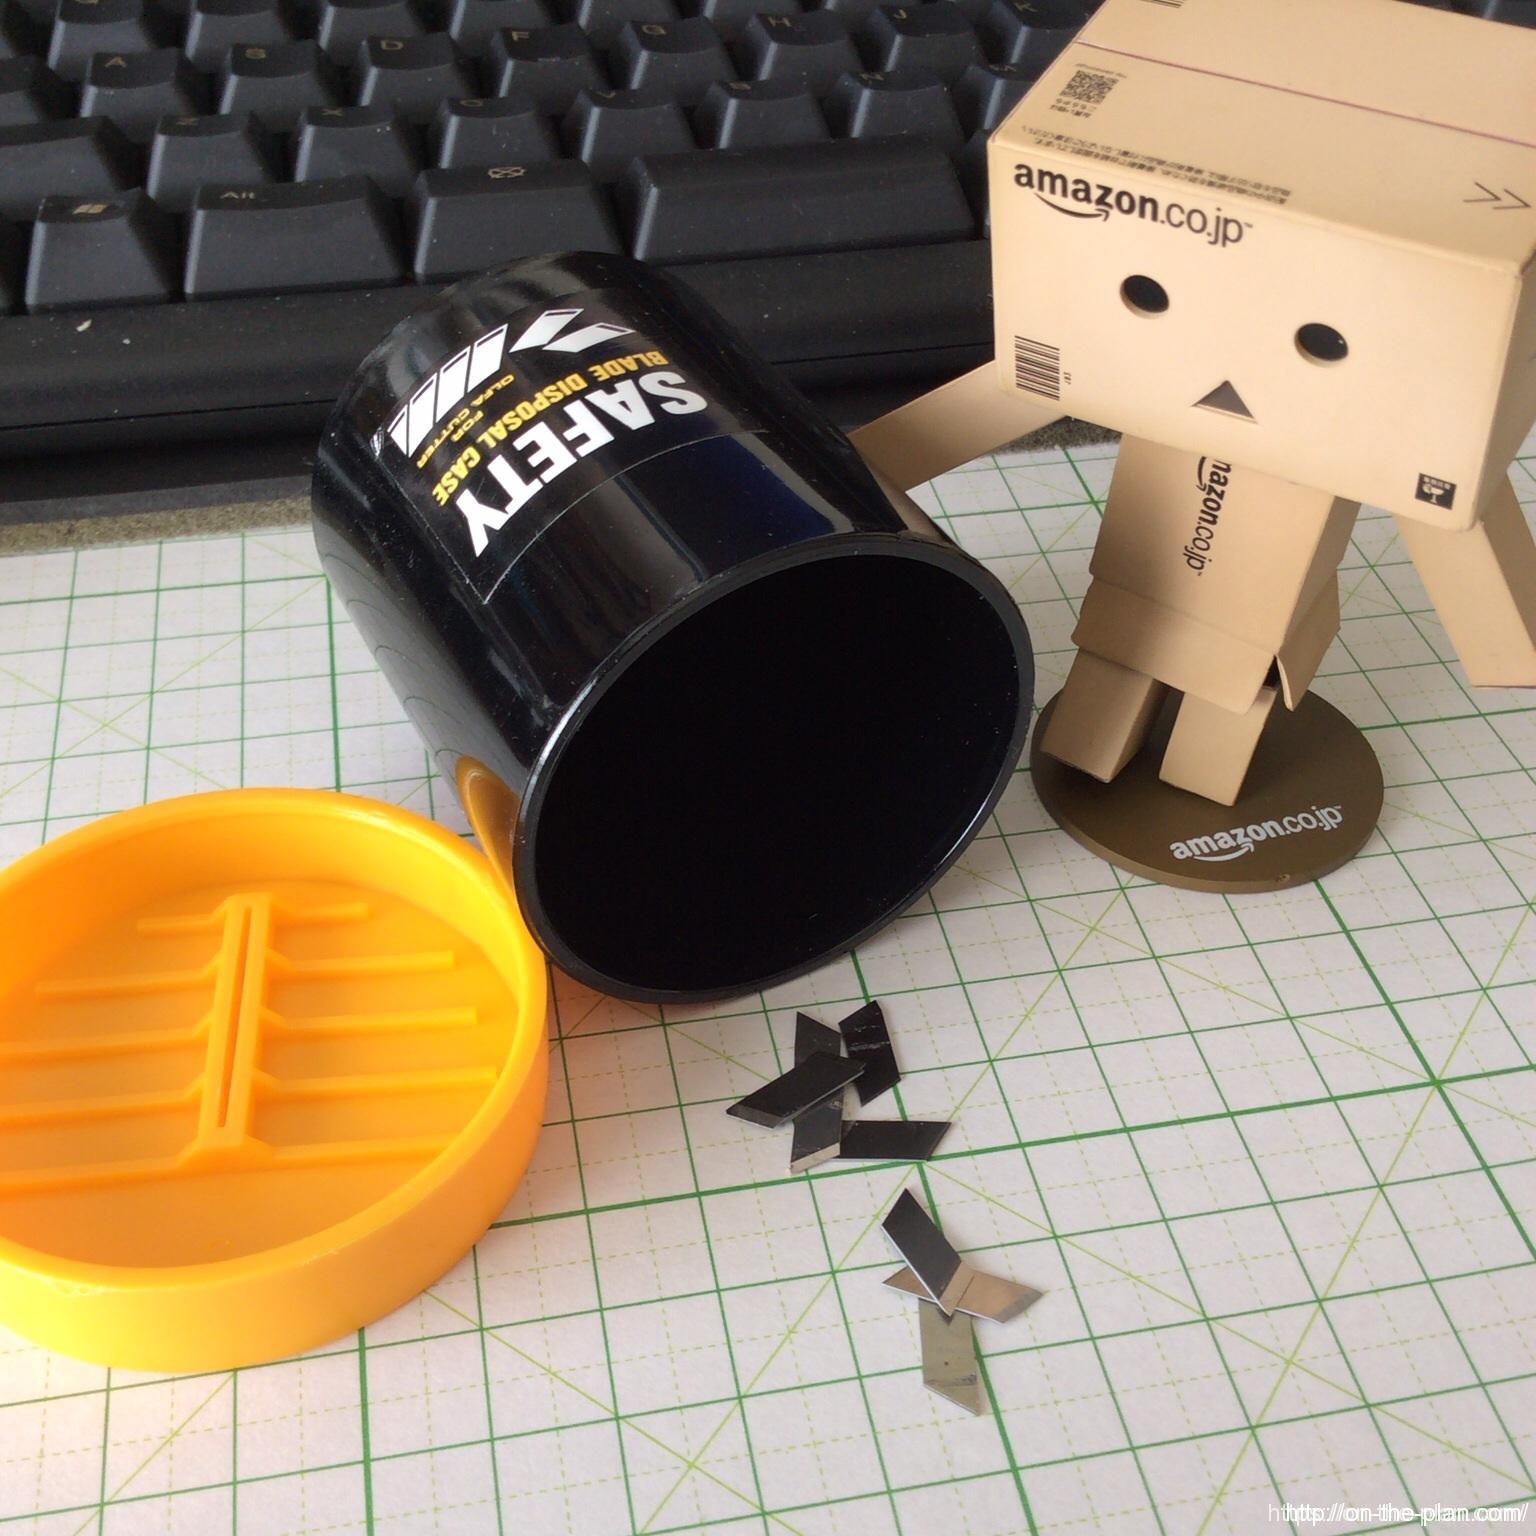 【カッター】折った刃を安全に捨てる「オルファのポキ」